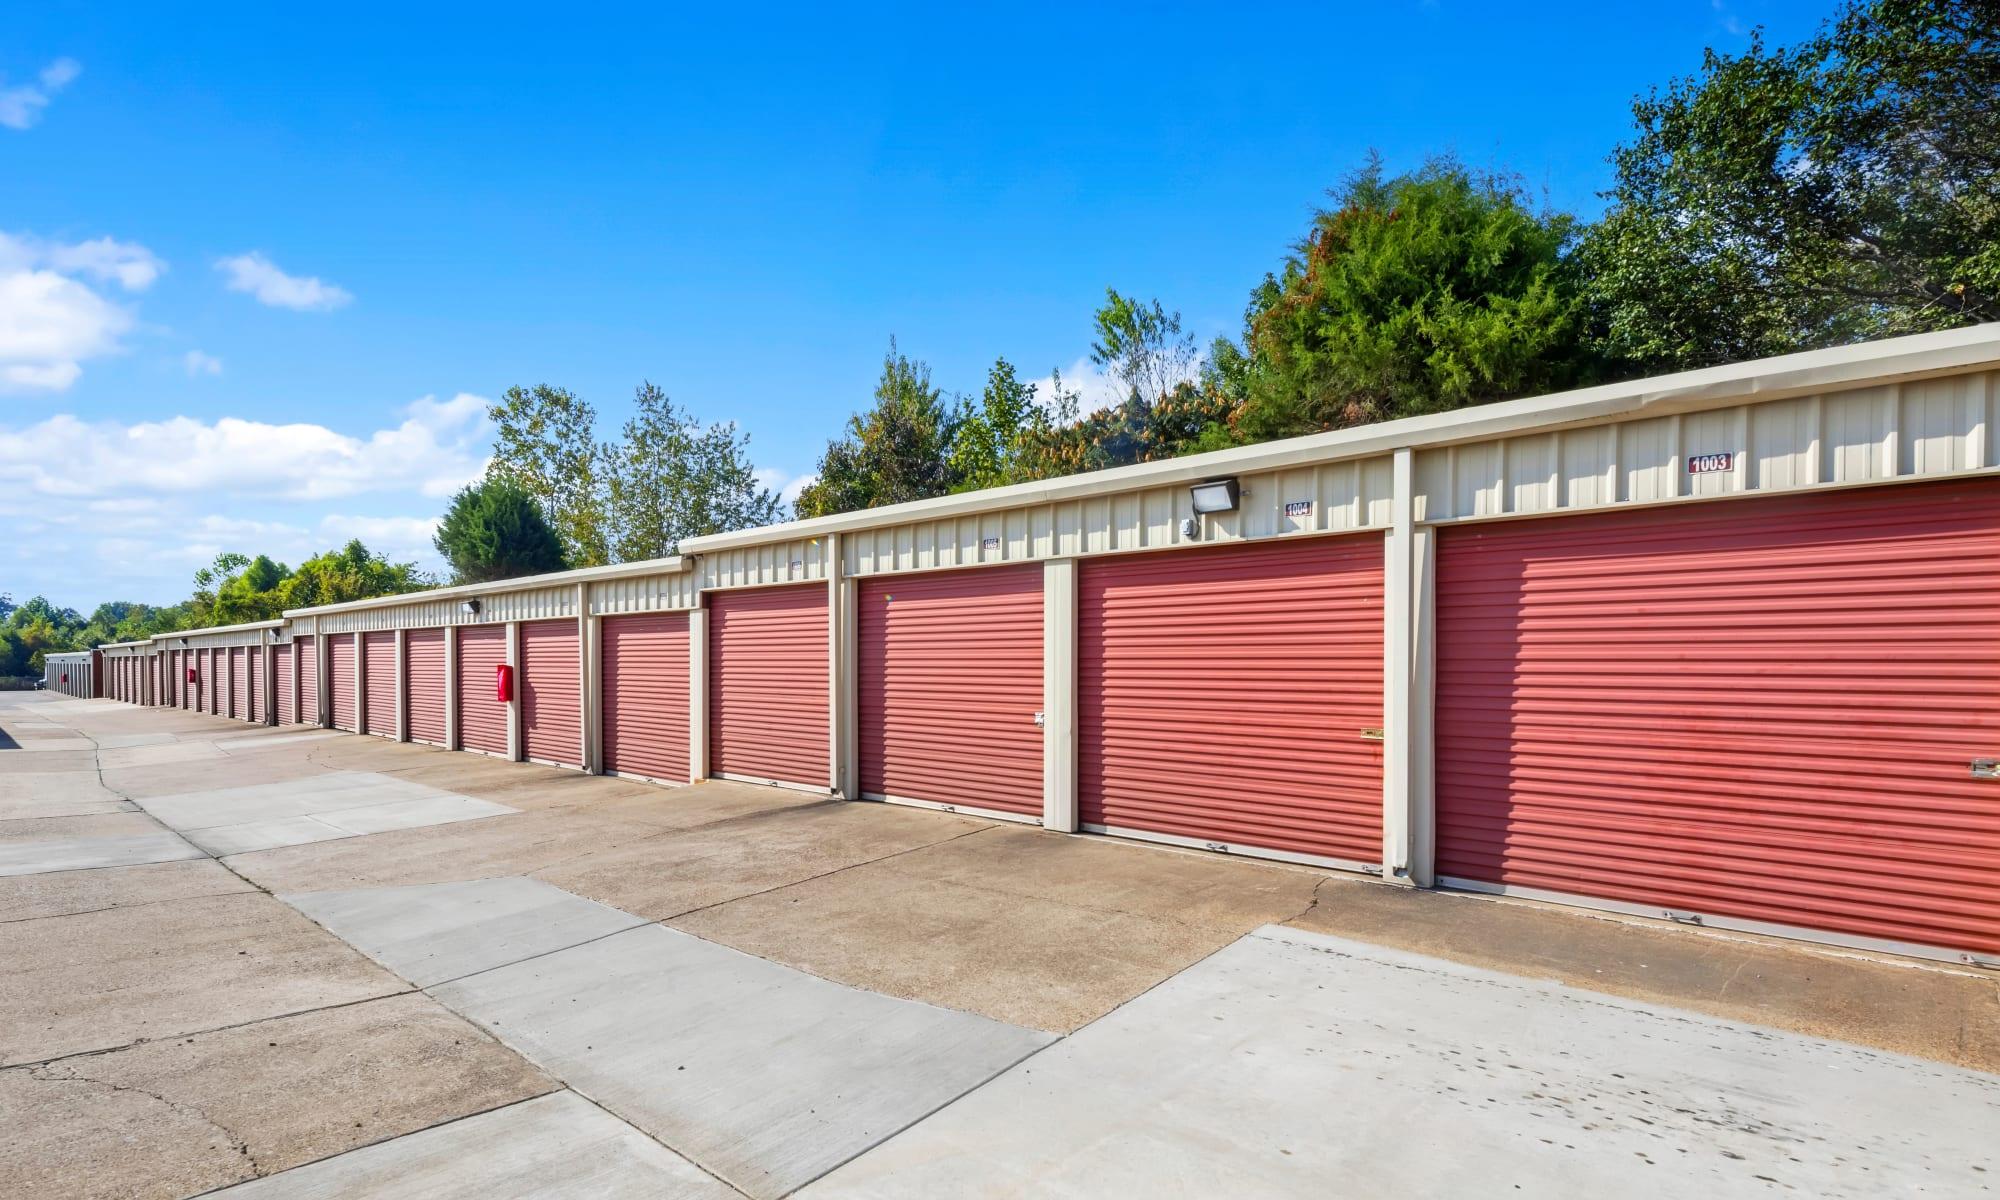 Self storage at Citizen Storage in Olive Branch, Mississippi